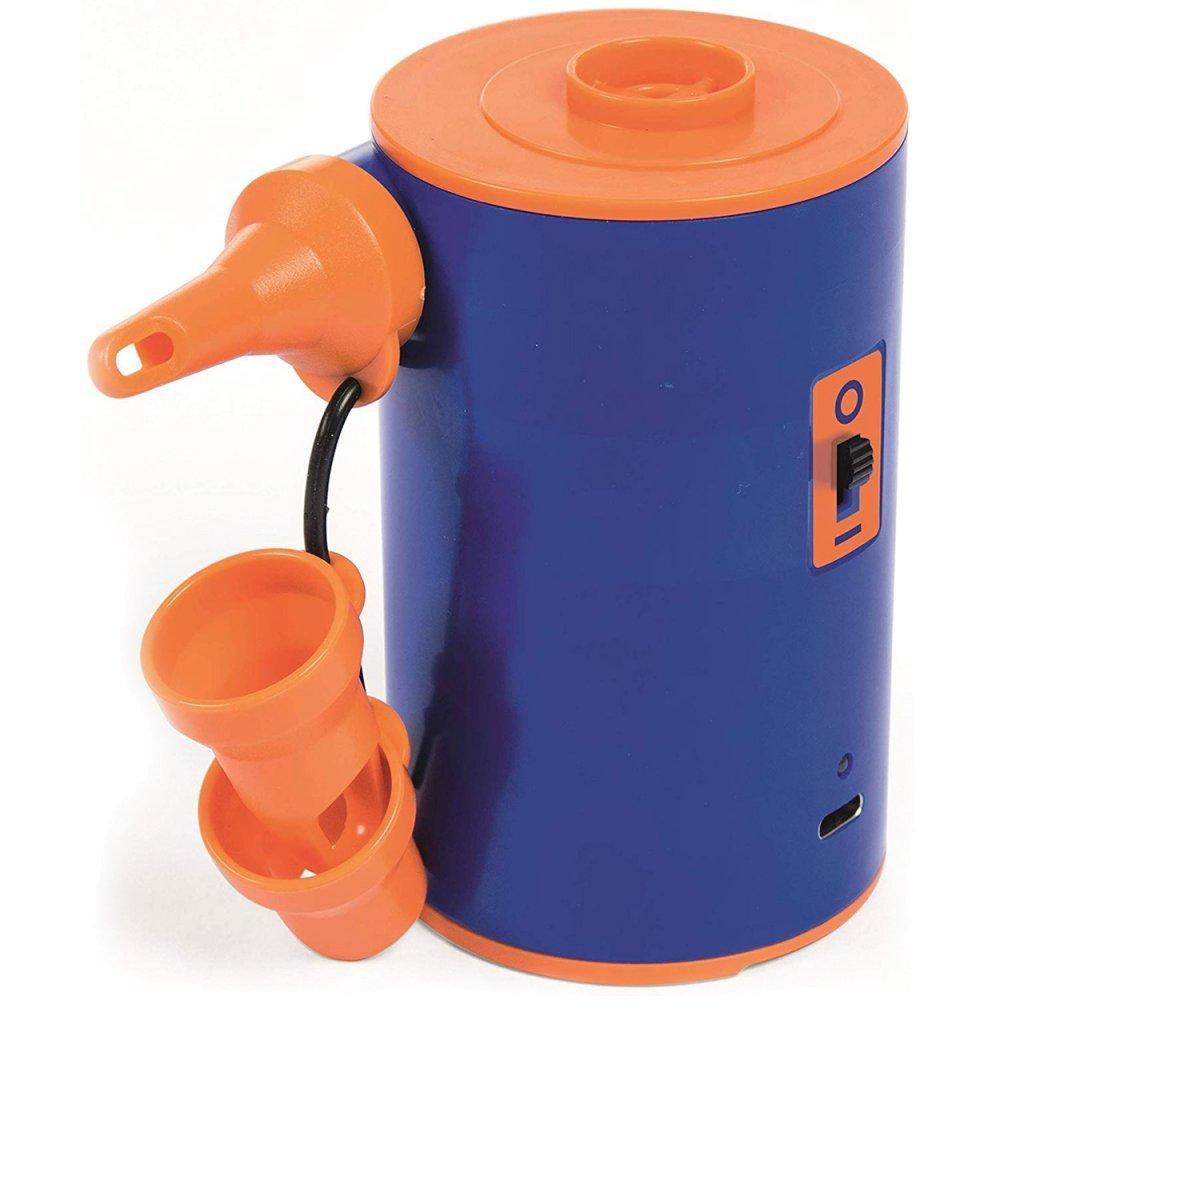 Электрический насос для надувания Bestway 62101 (7В портативный элетрический USB насос на аккумуляторах)